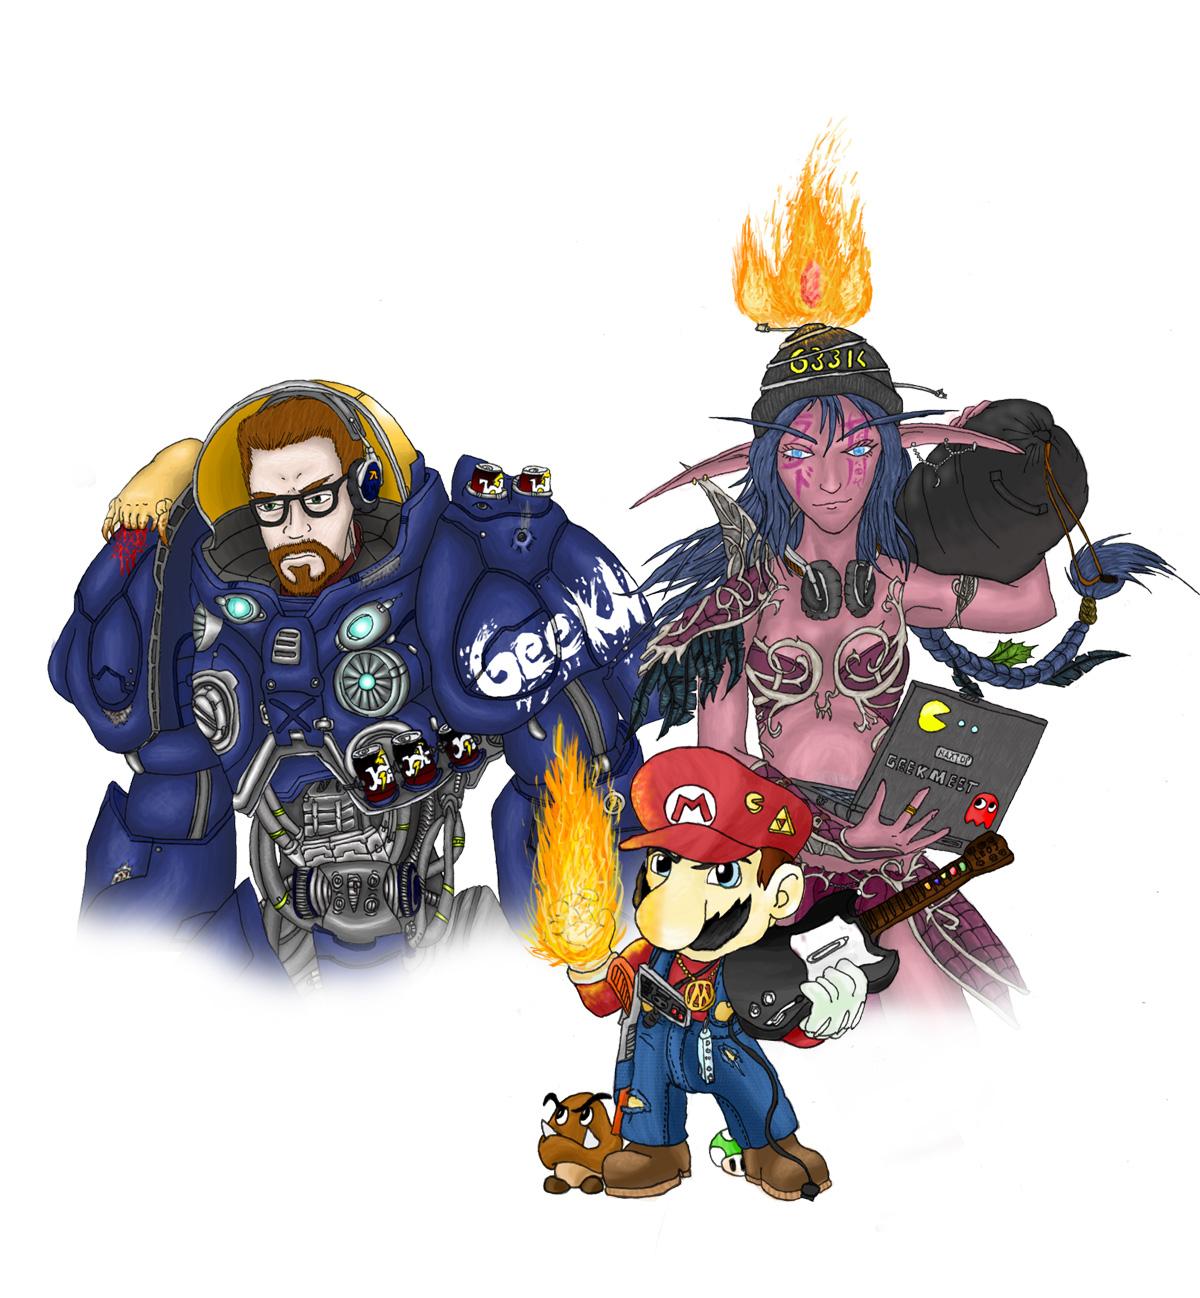 GeekMeet LAN Poster 3 by TheLandoBros